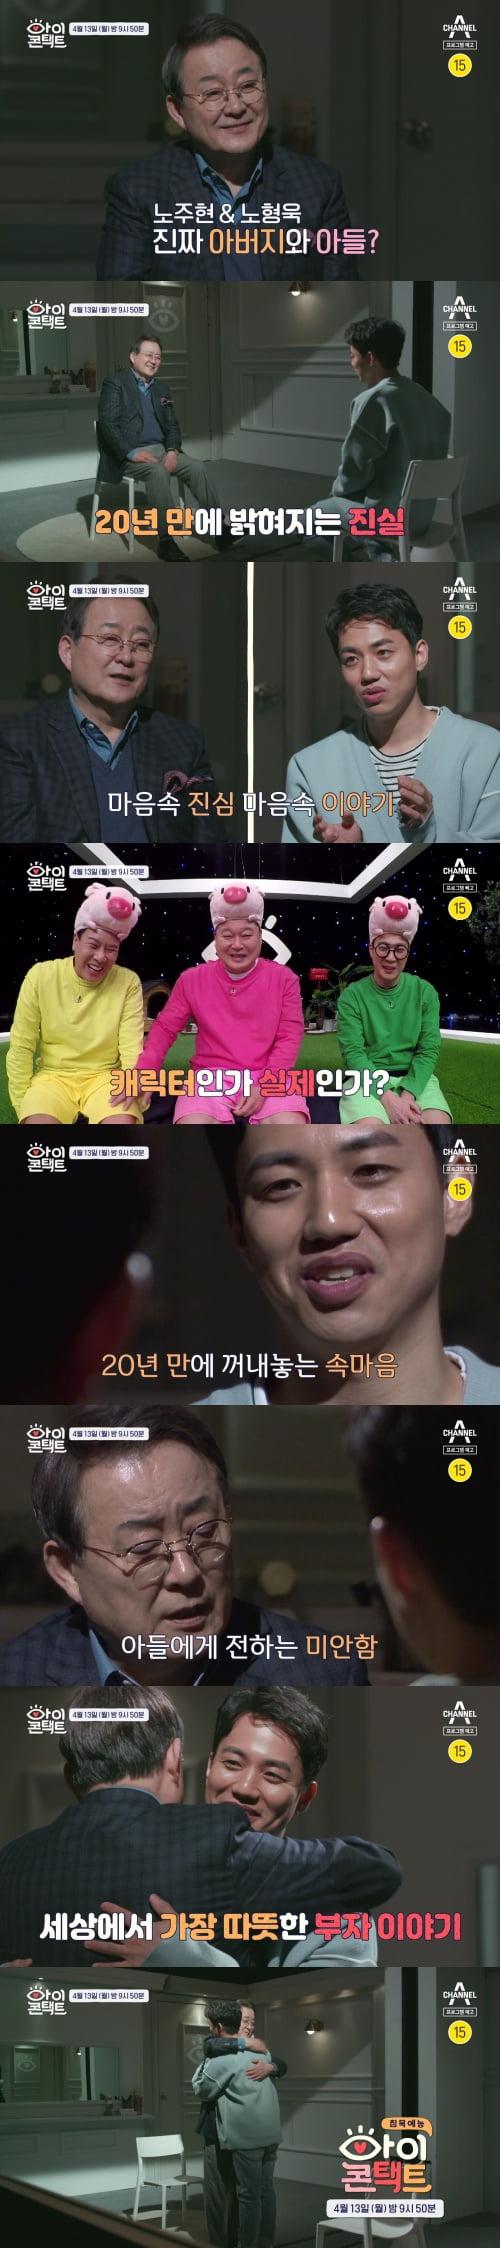 '아이콘택트' 노주현 노형욱 / 사진 = 채널A 제공